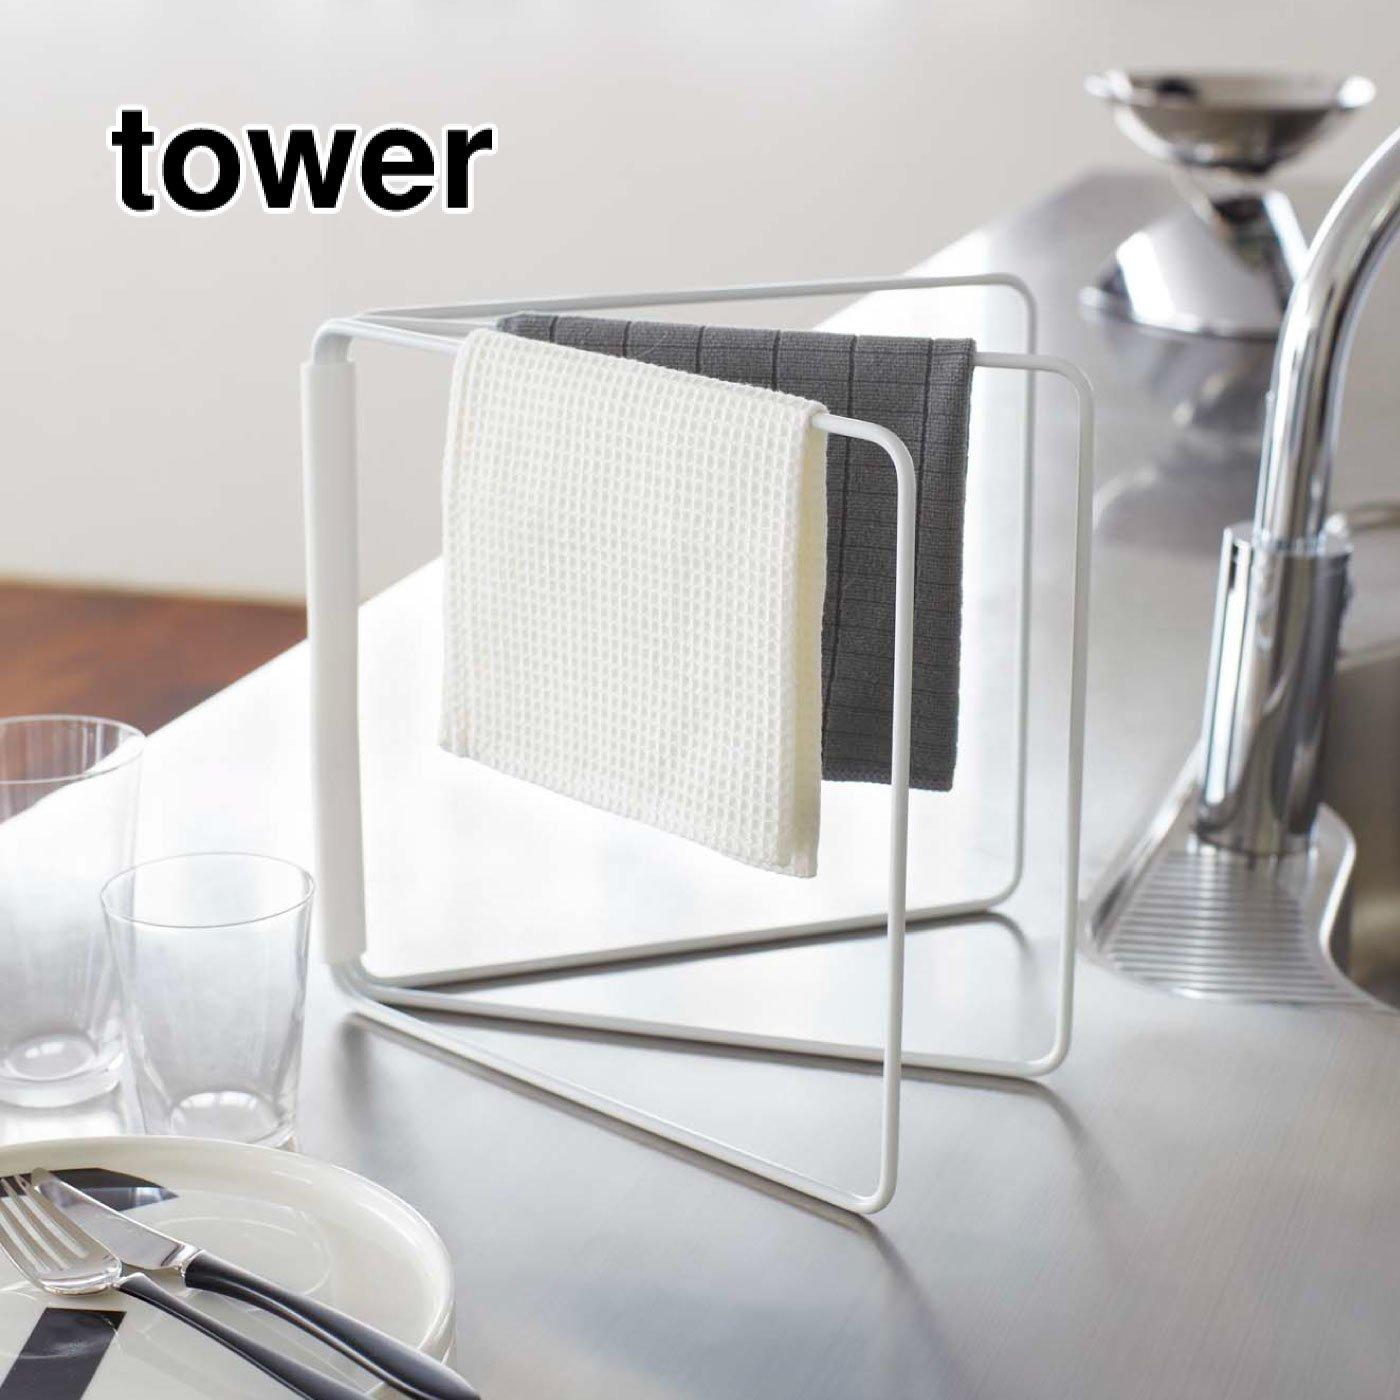 tower 折りたたみ布巾ハンガー